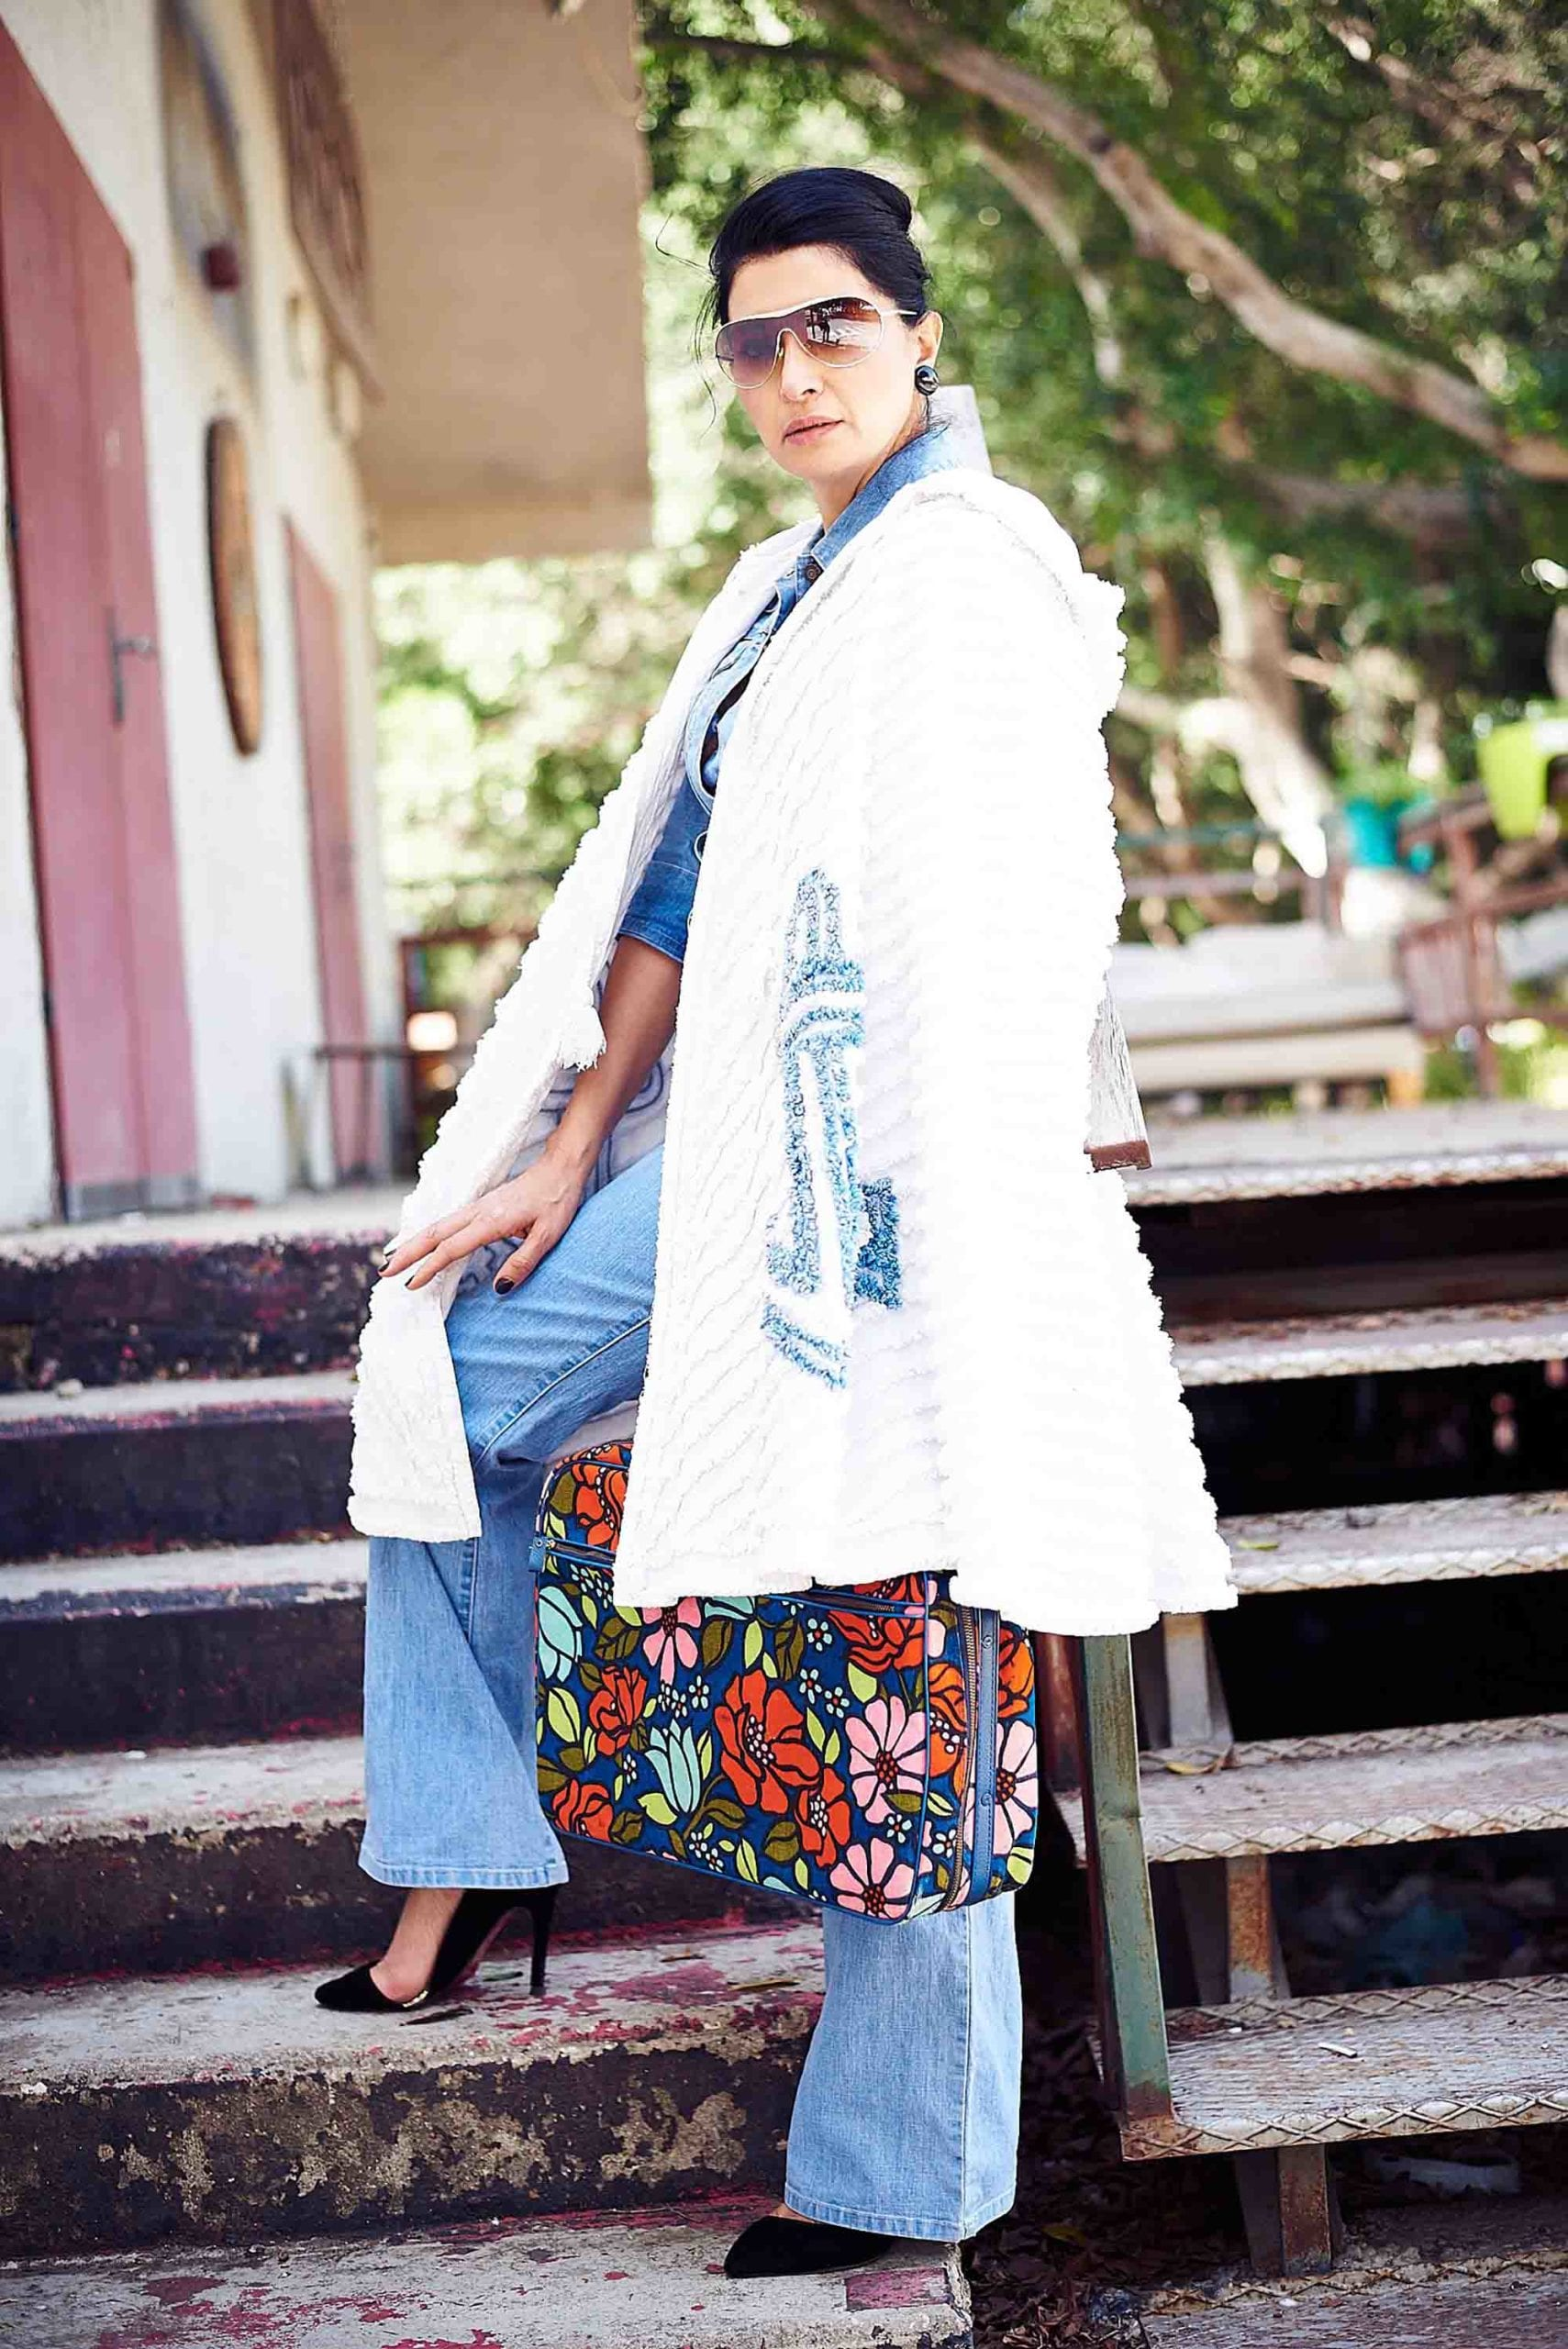 שכמייה, מאיה אושרי כהן, kim kandler, מגזין אופנה ישראלי - 4